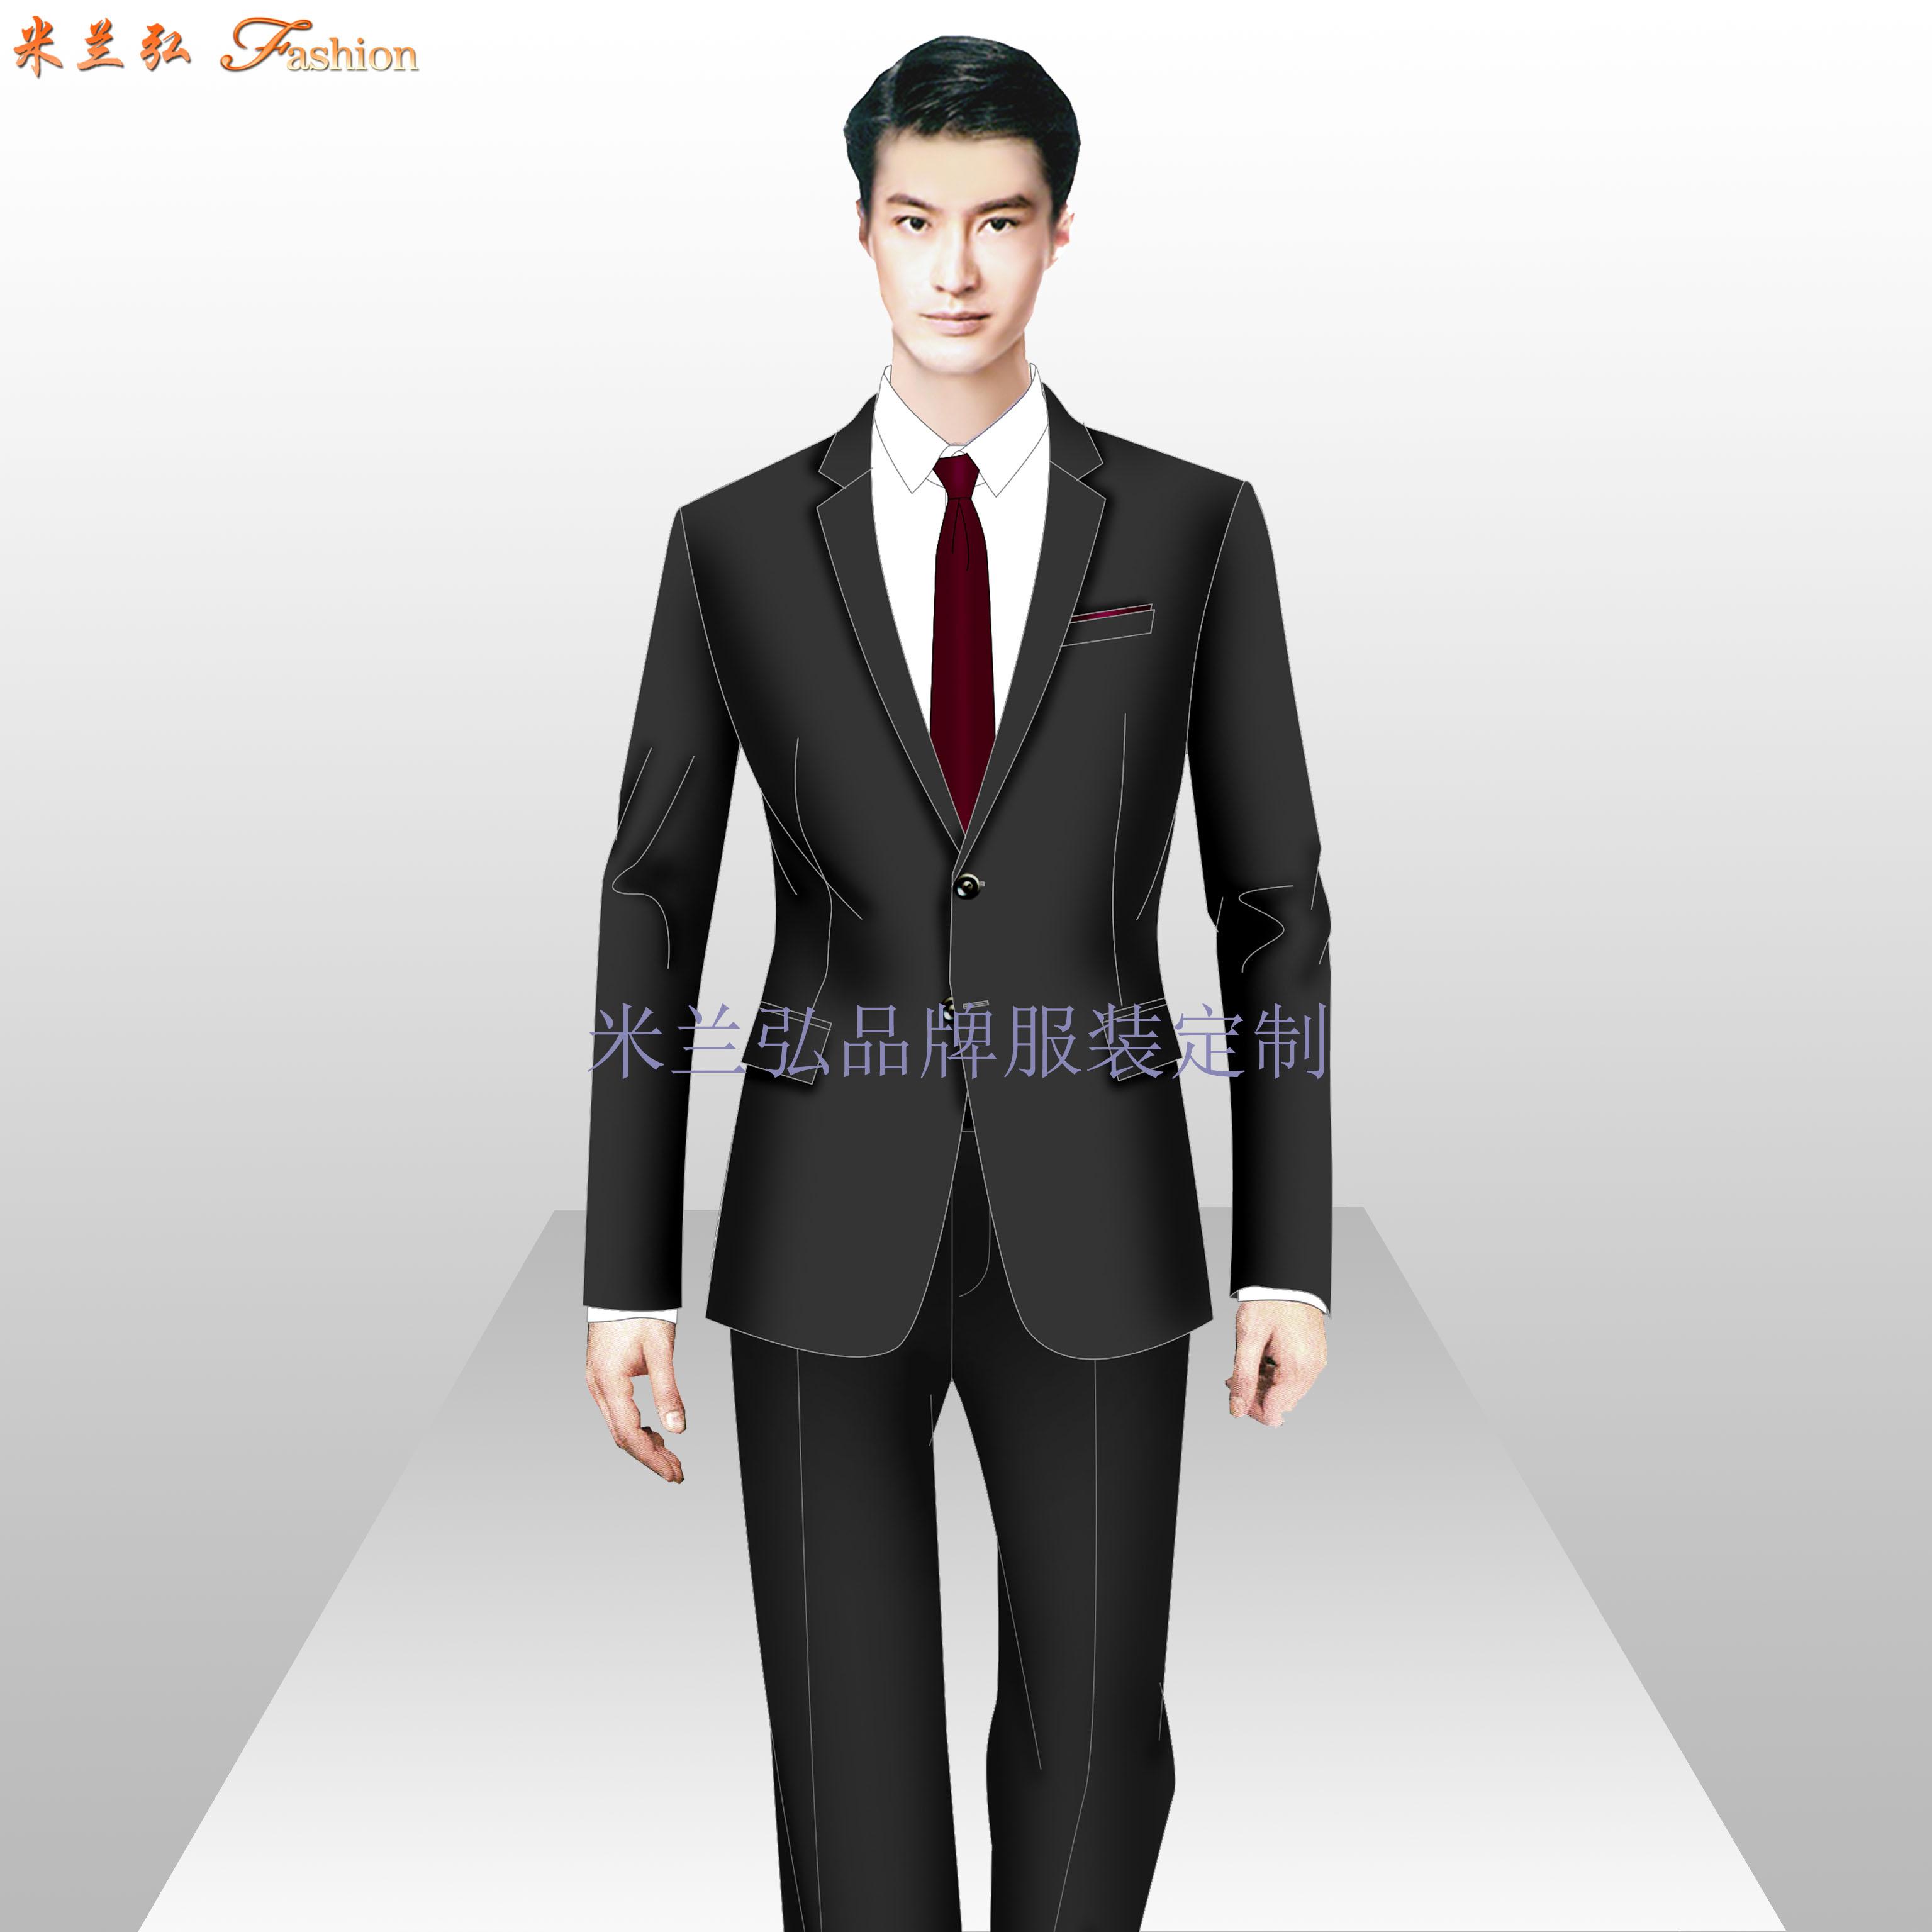 懷柔區西服定製_北京懷柔職業裝訂做-最新送体验金网站服裝廠家-2